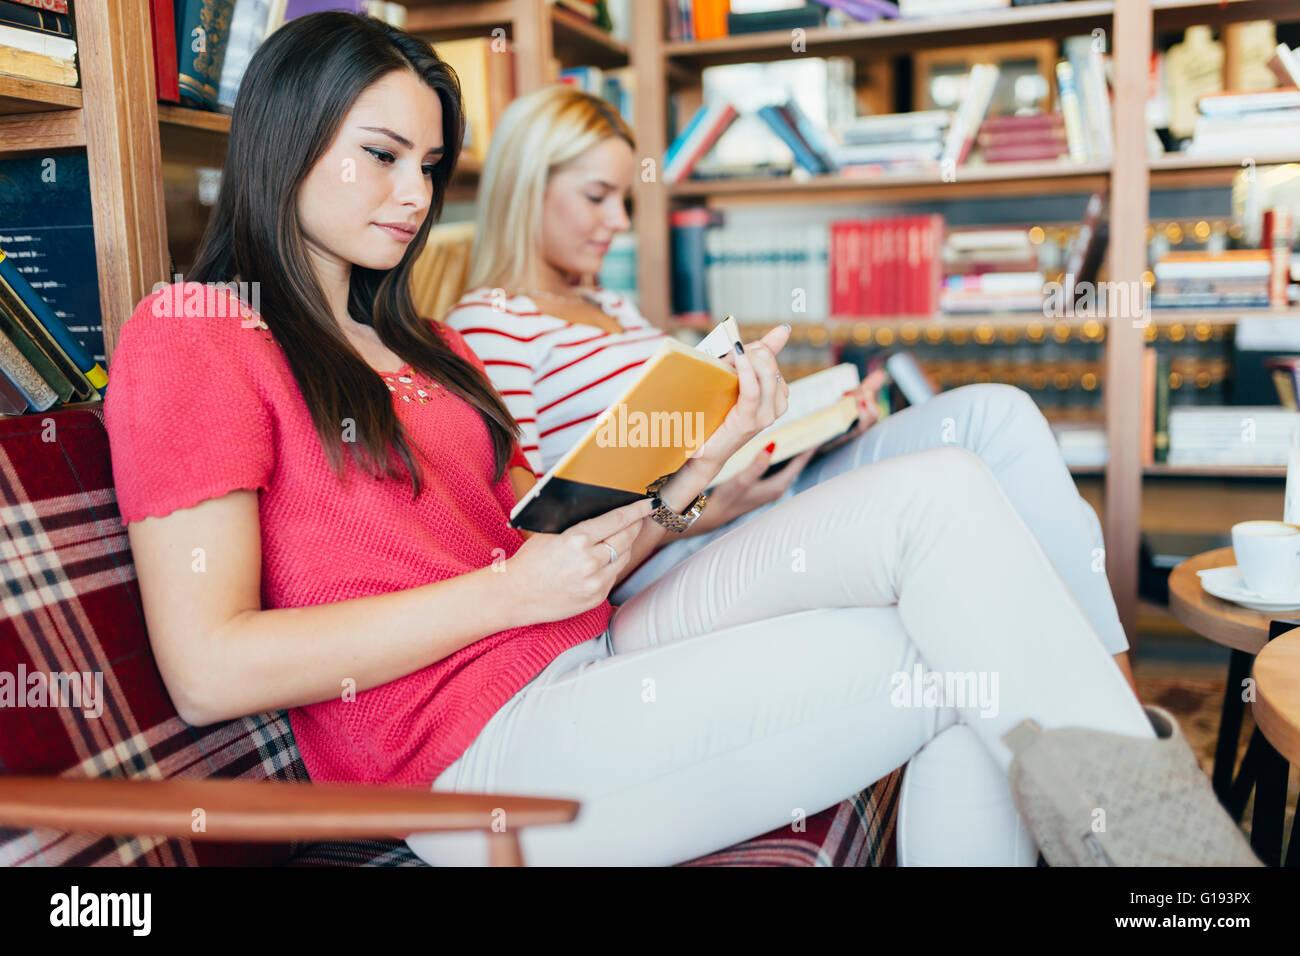 Freunde, Bücher lesen und Studium für Prüfung zusammen Stockbild